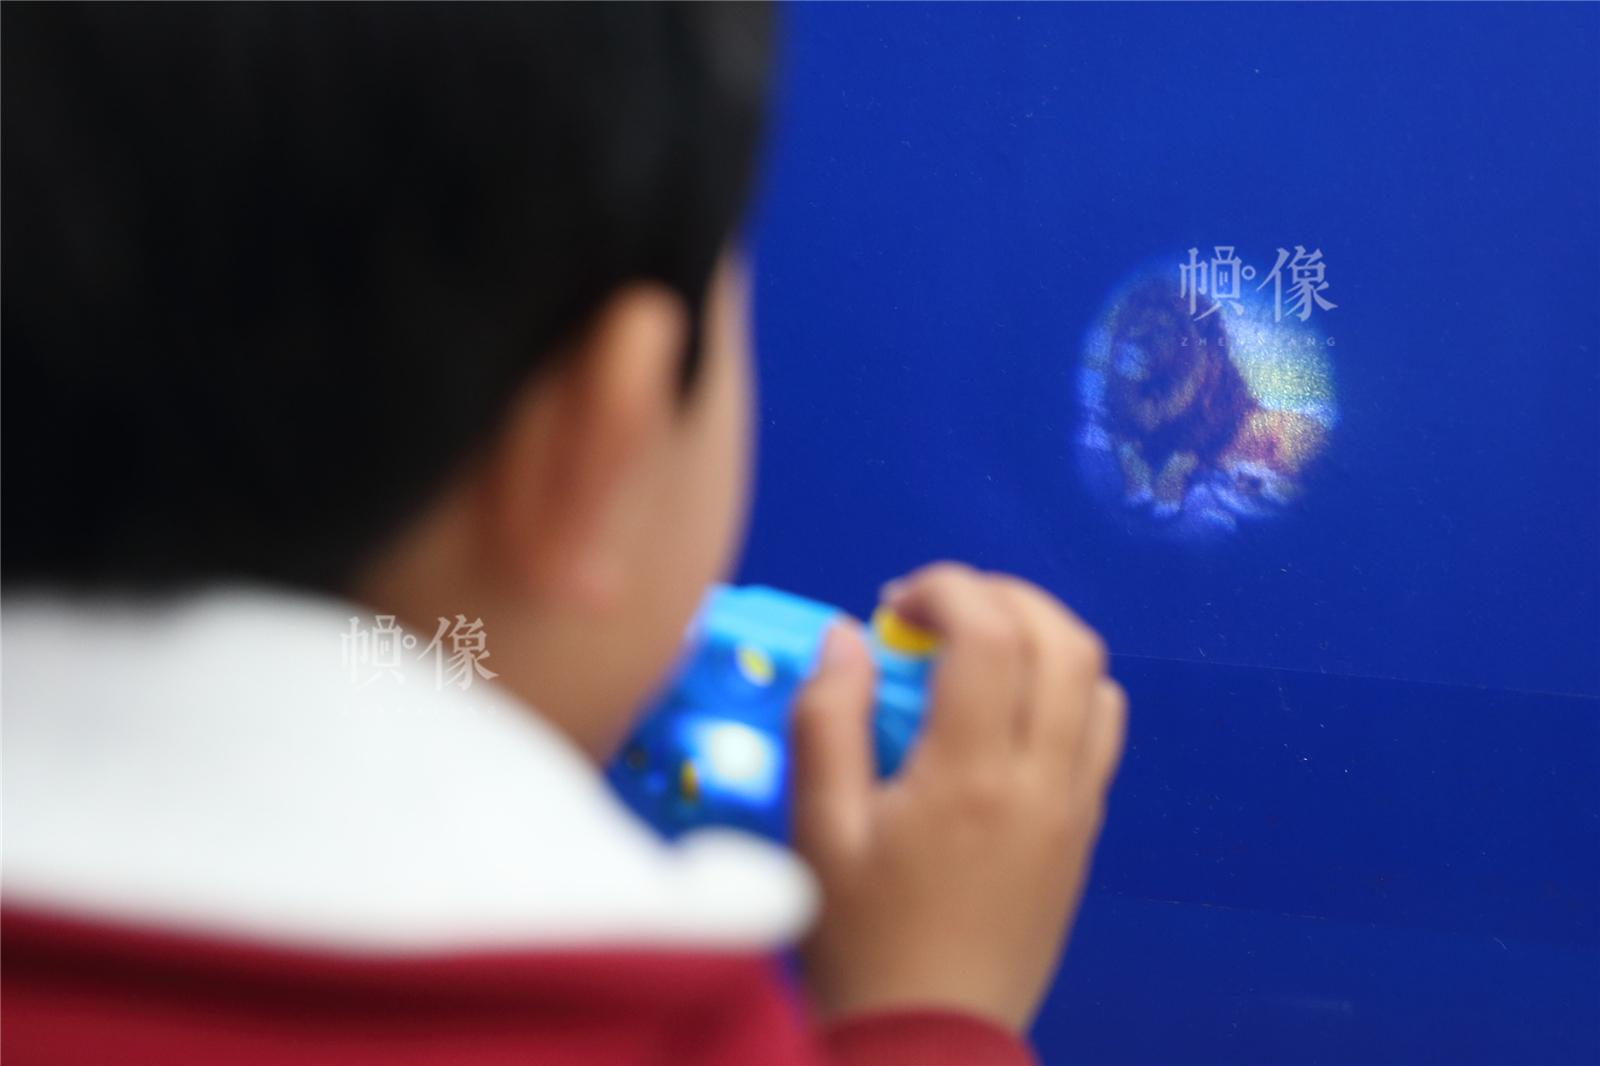 2017年3月27日,北京星星雨教育研究所,5岁的自闭症孩子源源在玩一个玩具相机。中国网记者陈维松 摄